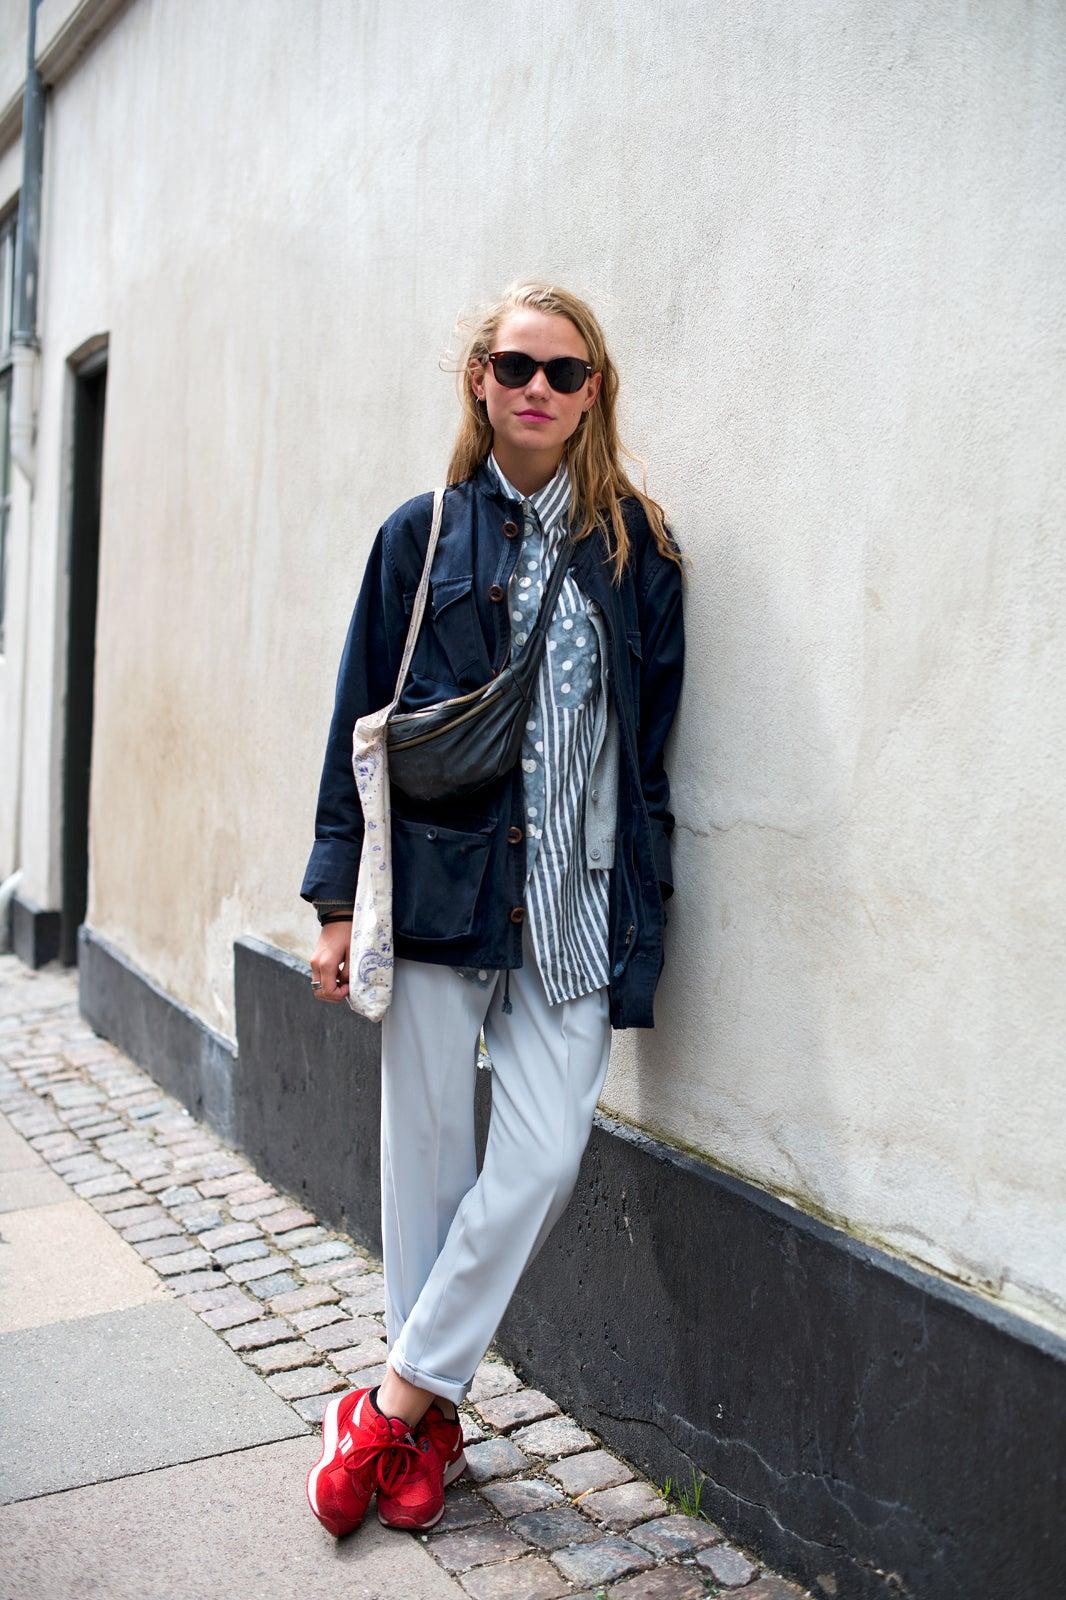 Copenhagen Street Style Sneaker Fashio From Denmark